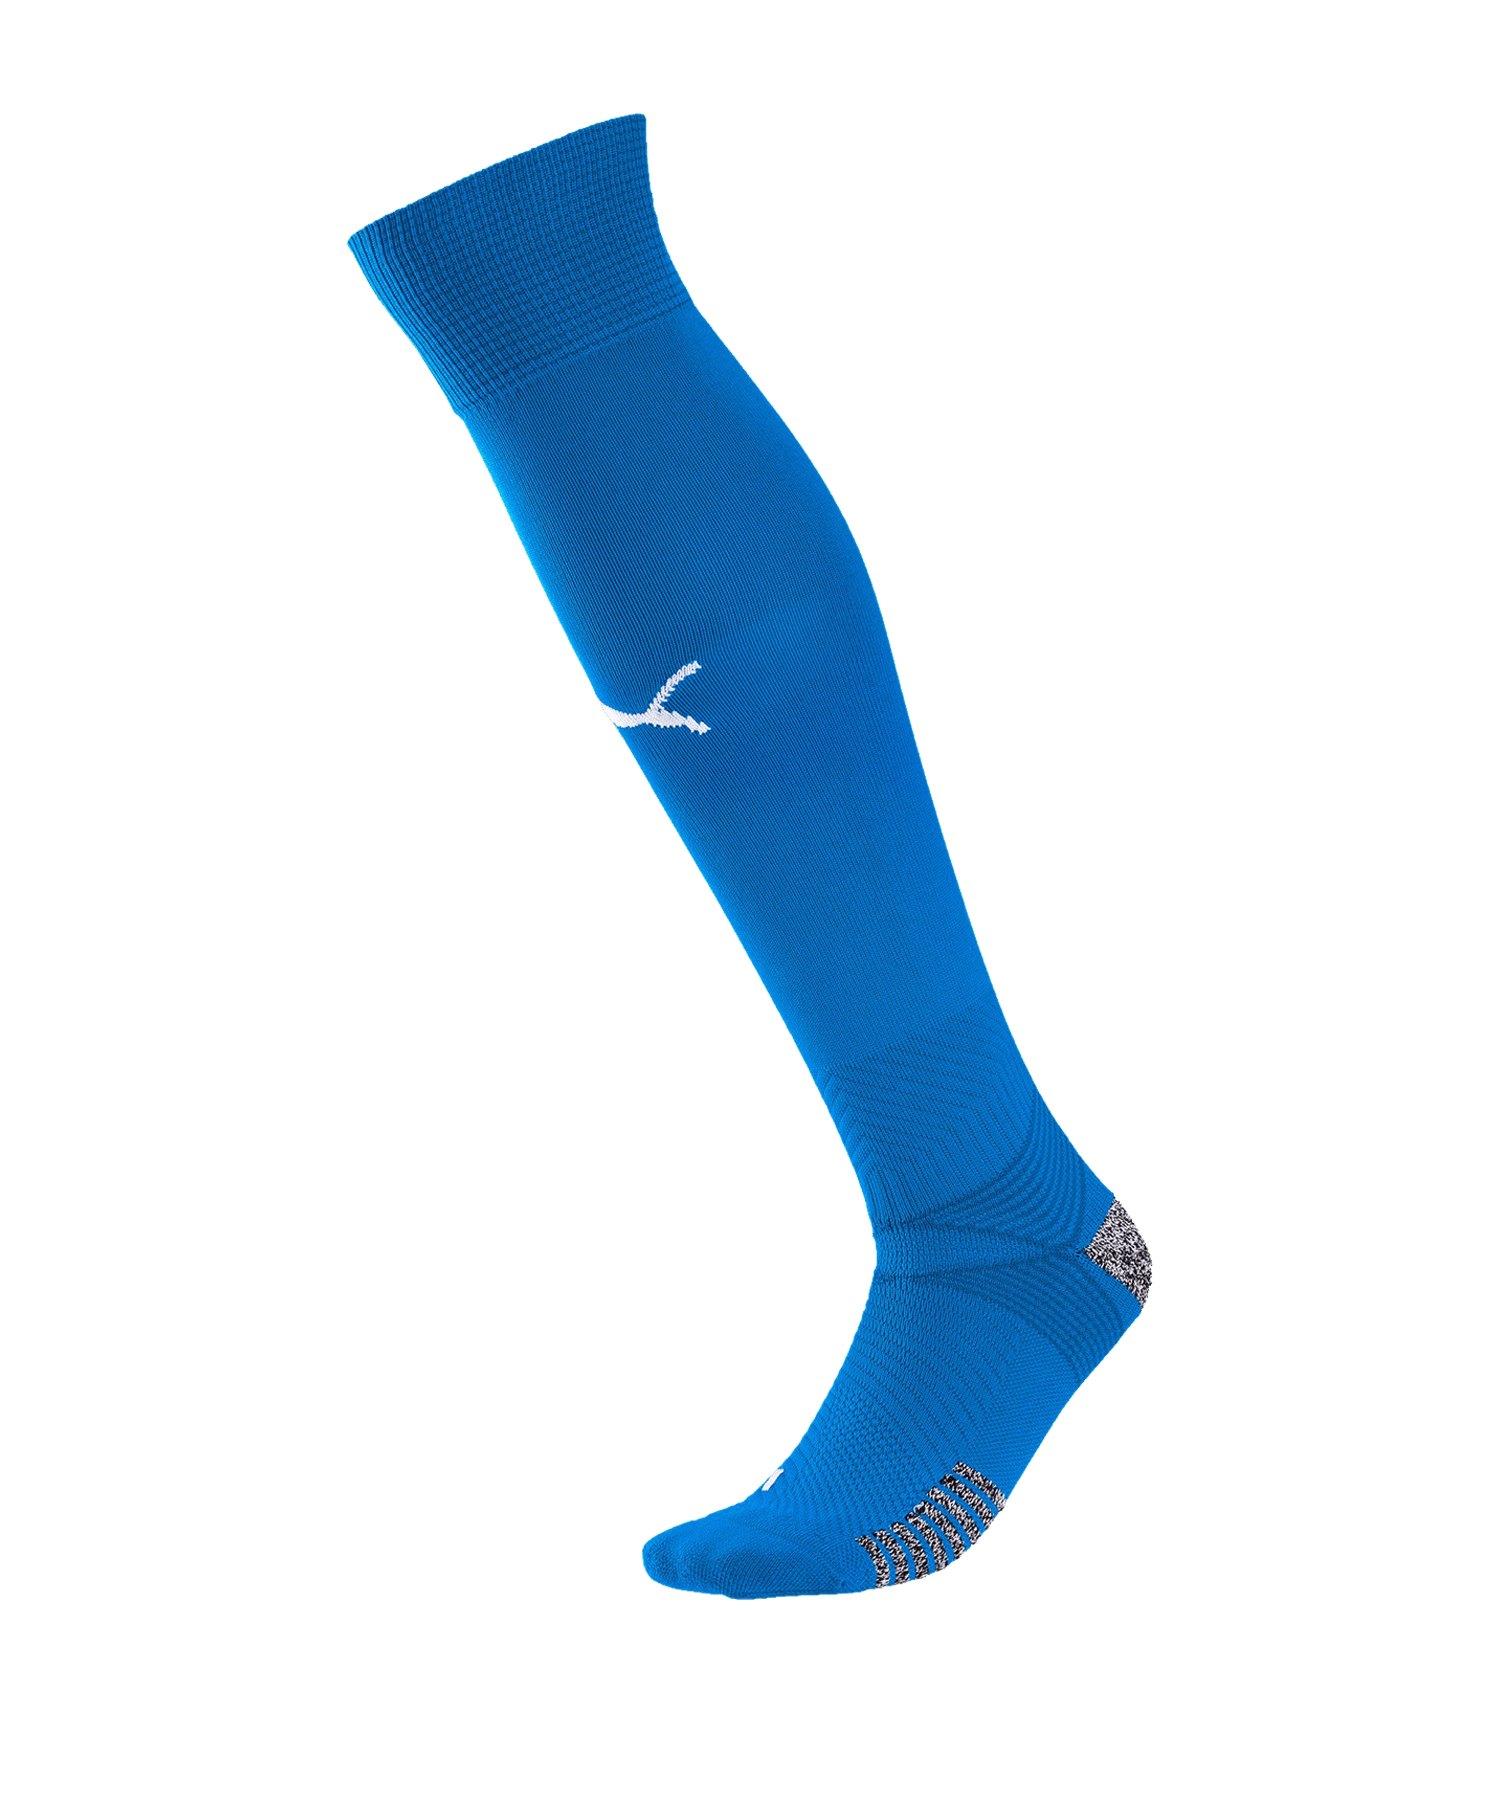 PUMA teamFINAL 21 Socks Stutzenstrümpfe Blau F02 - blau